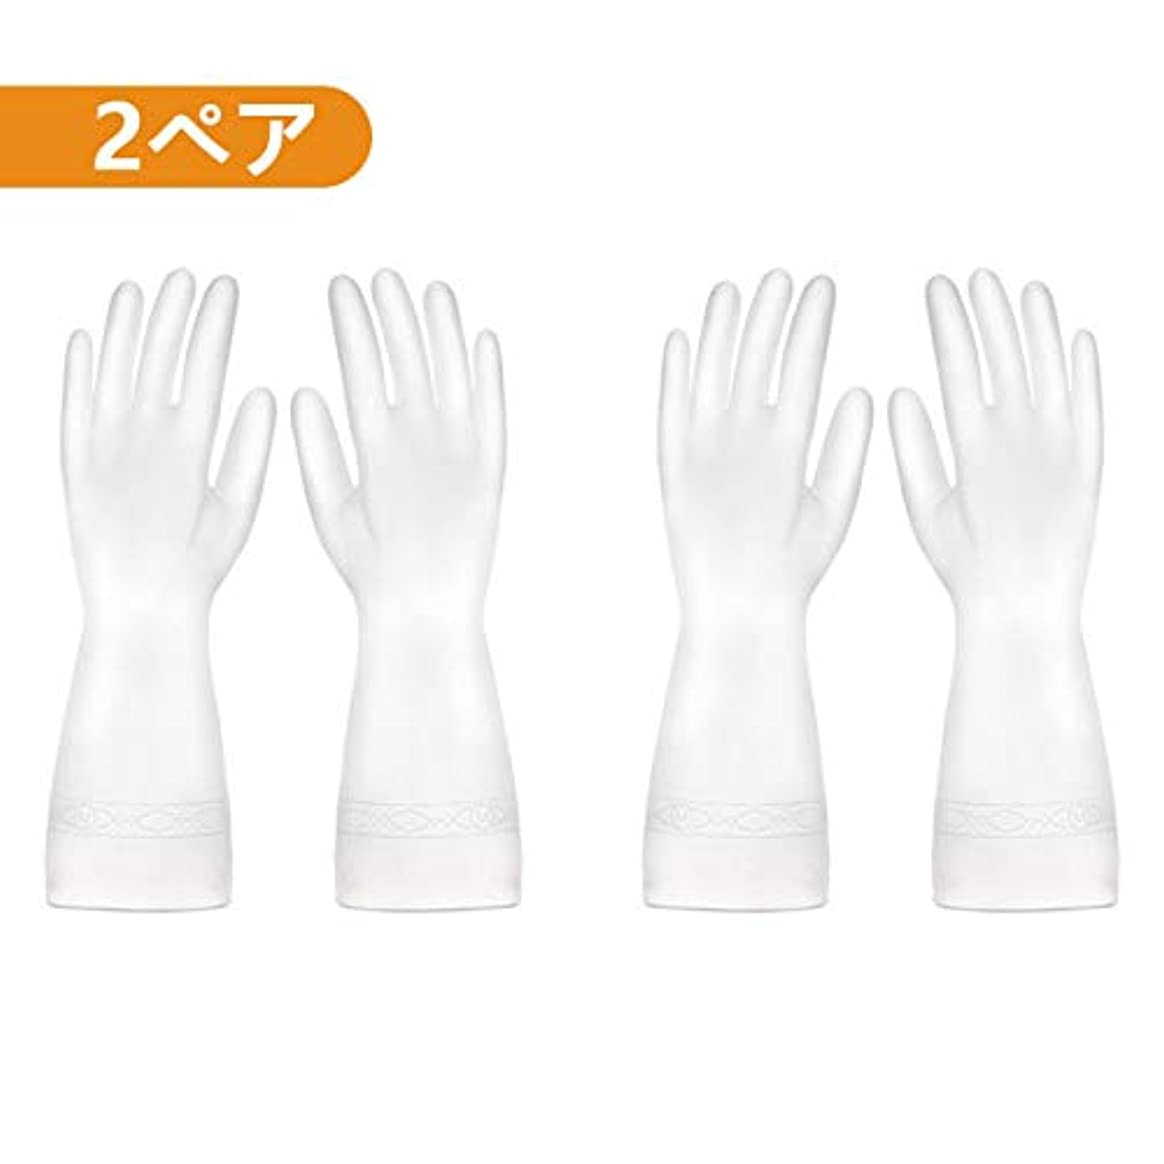 ファントムオレンジじゃないキッチン手袋 2ペア入り 食器洗い手袋 ゴム手袋 キッチングローブ 耐熱 繰り返し利用 作業 炊事用 家庭用 家事用 食器洗い 園芸 ホワイト latex gloves (S 2ペア)